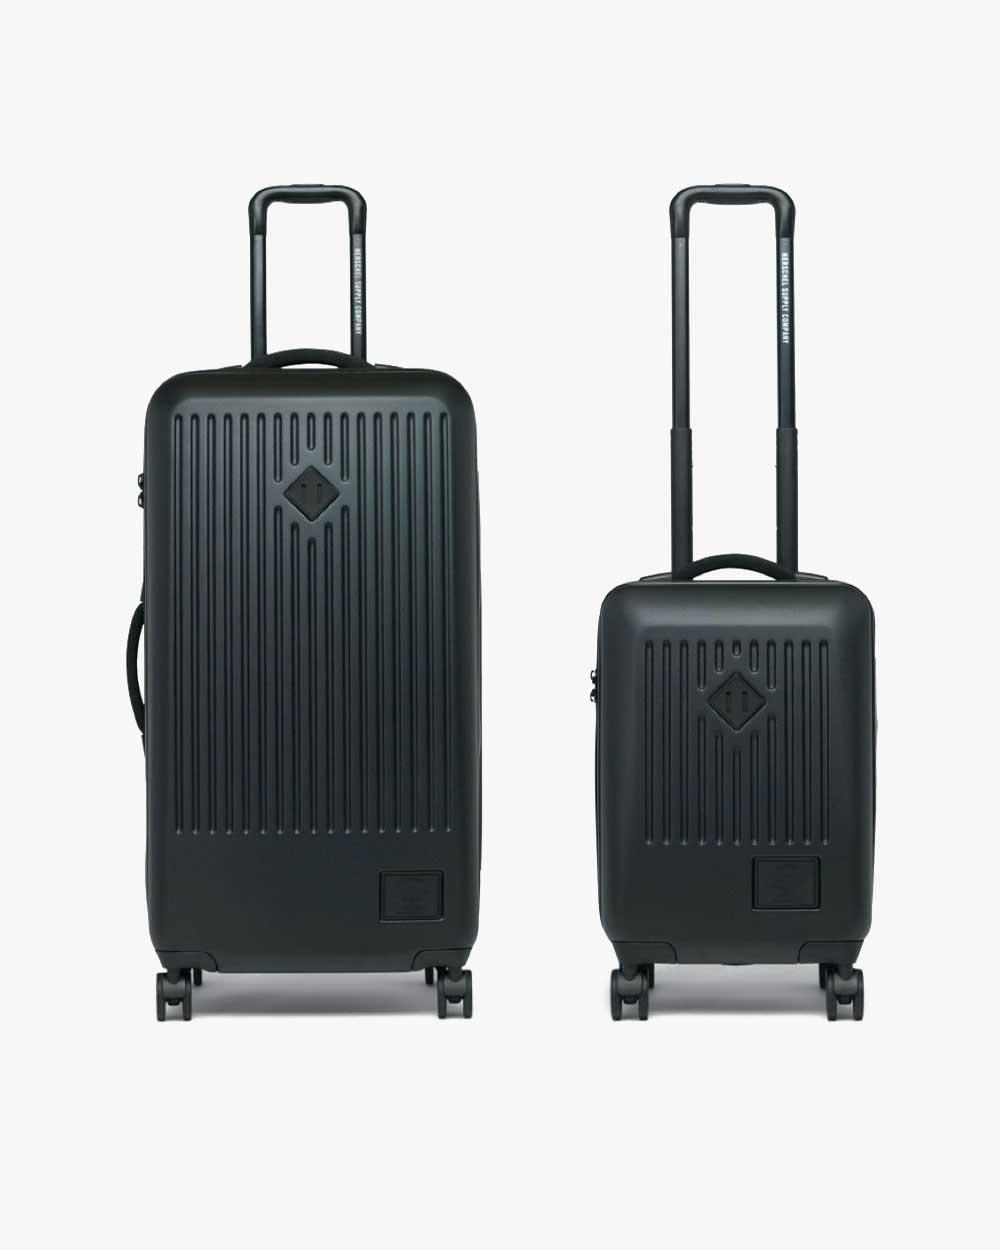 Bild eines schwarzen Herschel Trade Large Luggage und eines großen Trade Carry-Ons